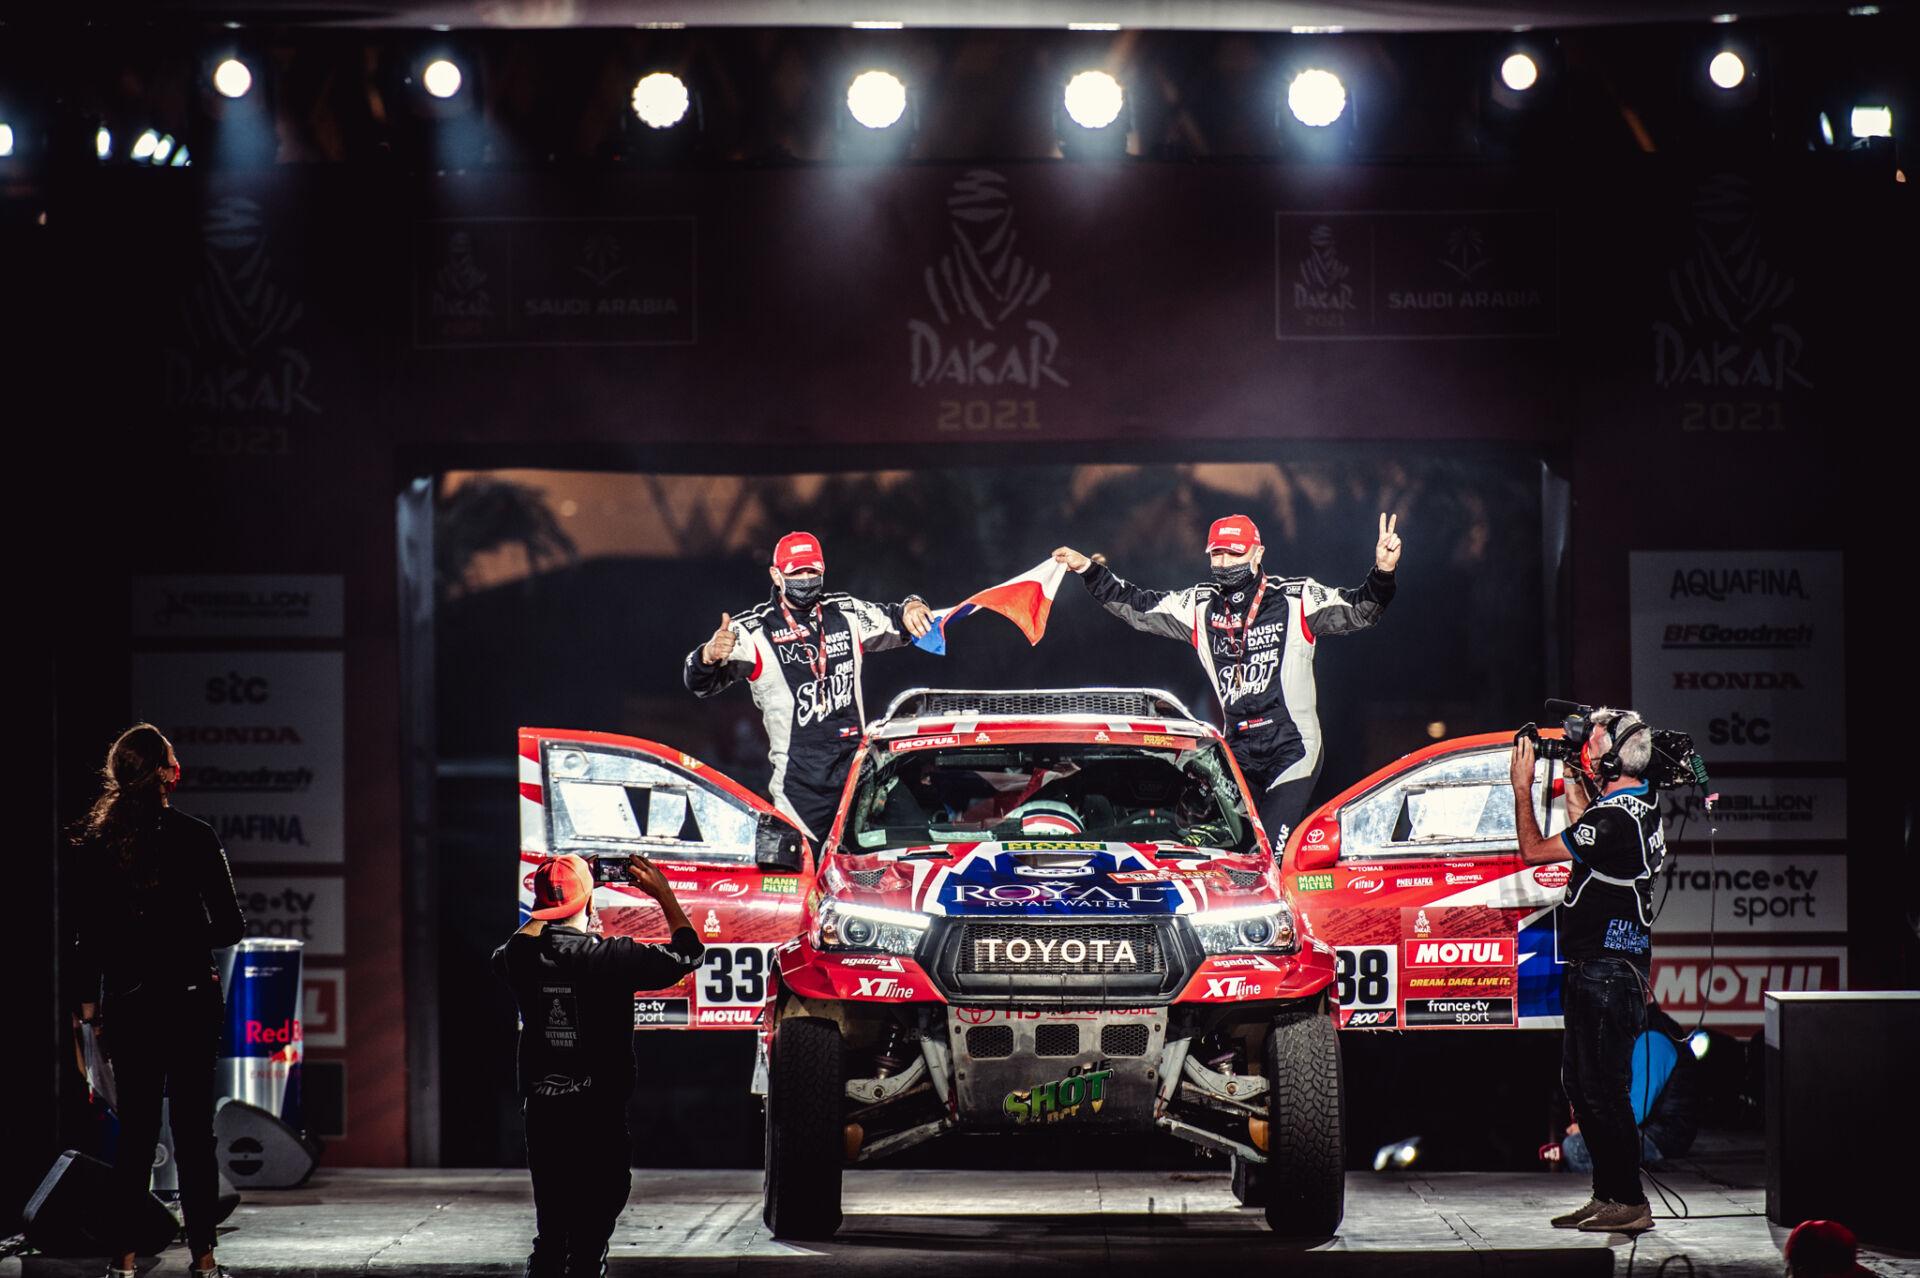 Tomáš s Davidem cílem ukončili svůj nejtěžší Dakar